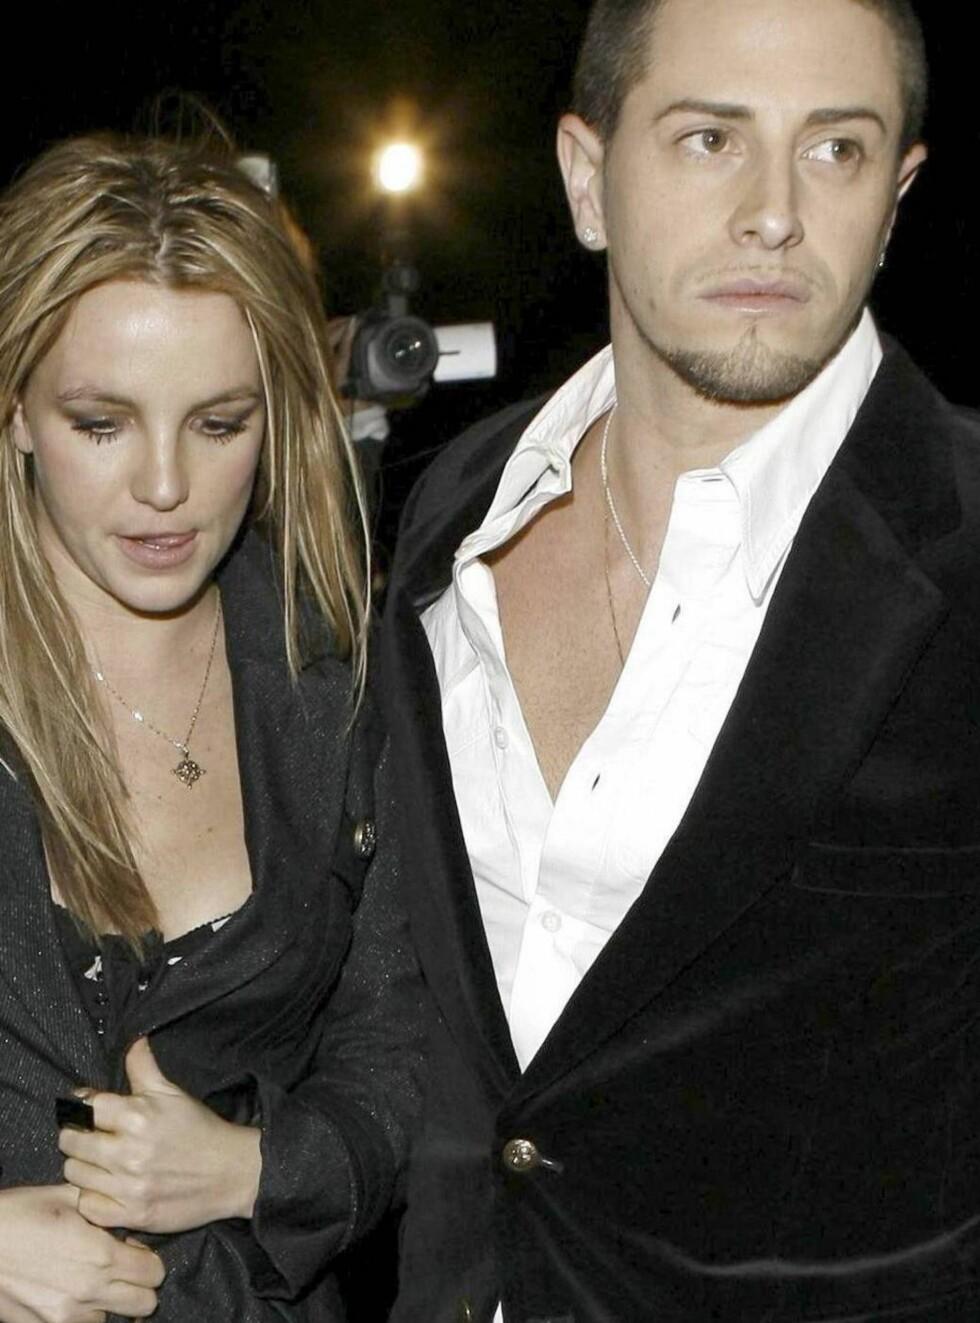 Kjekk danser: Ingen tvil om at Britney har funnet seg en kjekkas.. Foto: All Over Press